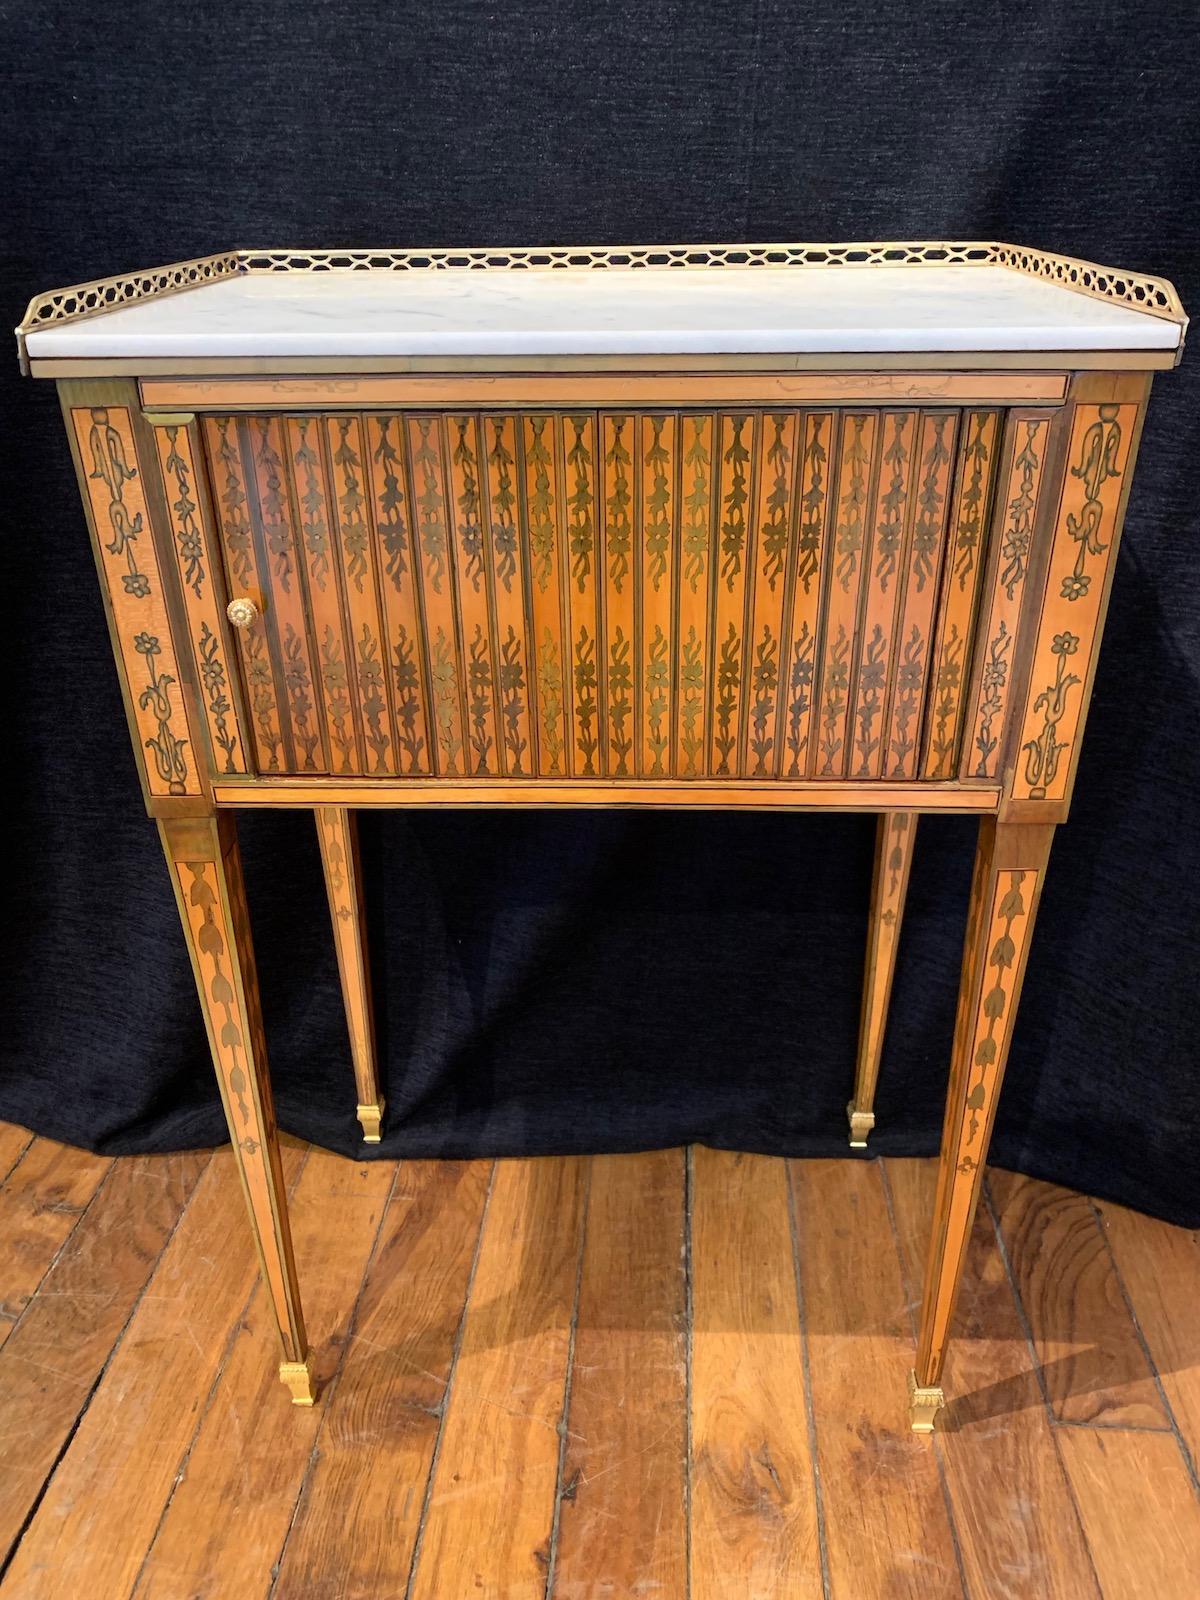 Petite table de salon attribuée à RVLC d'époque Louis XVI